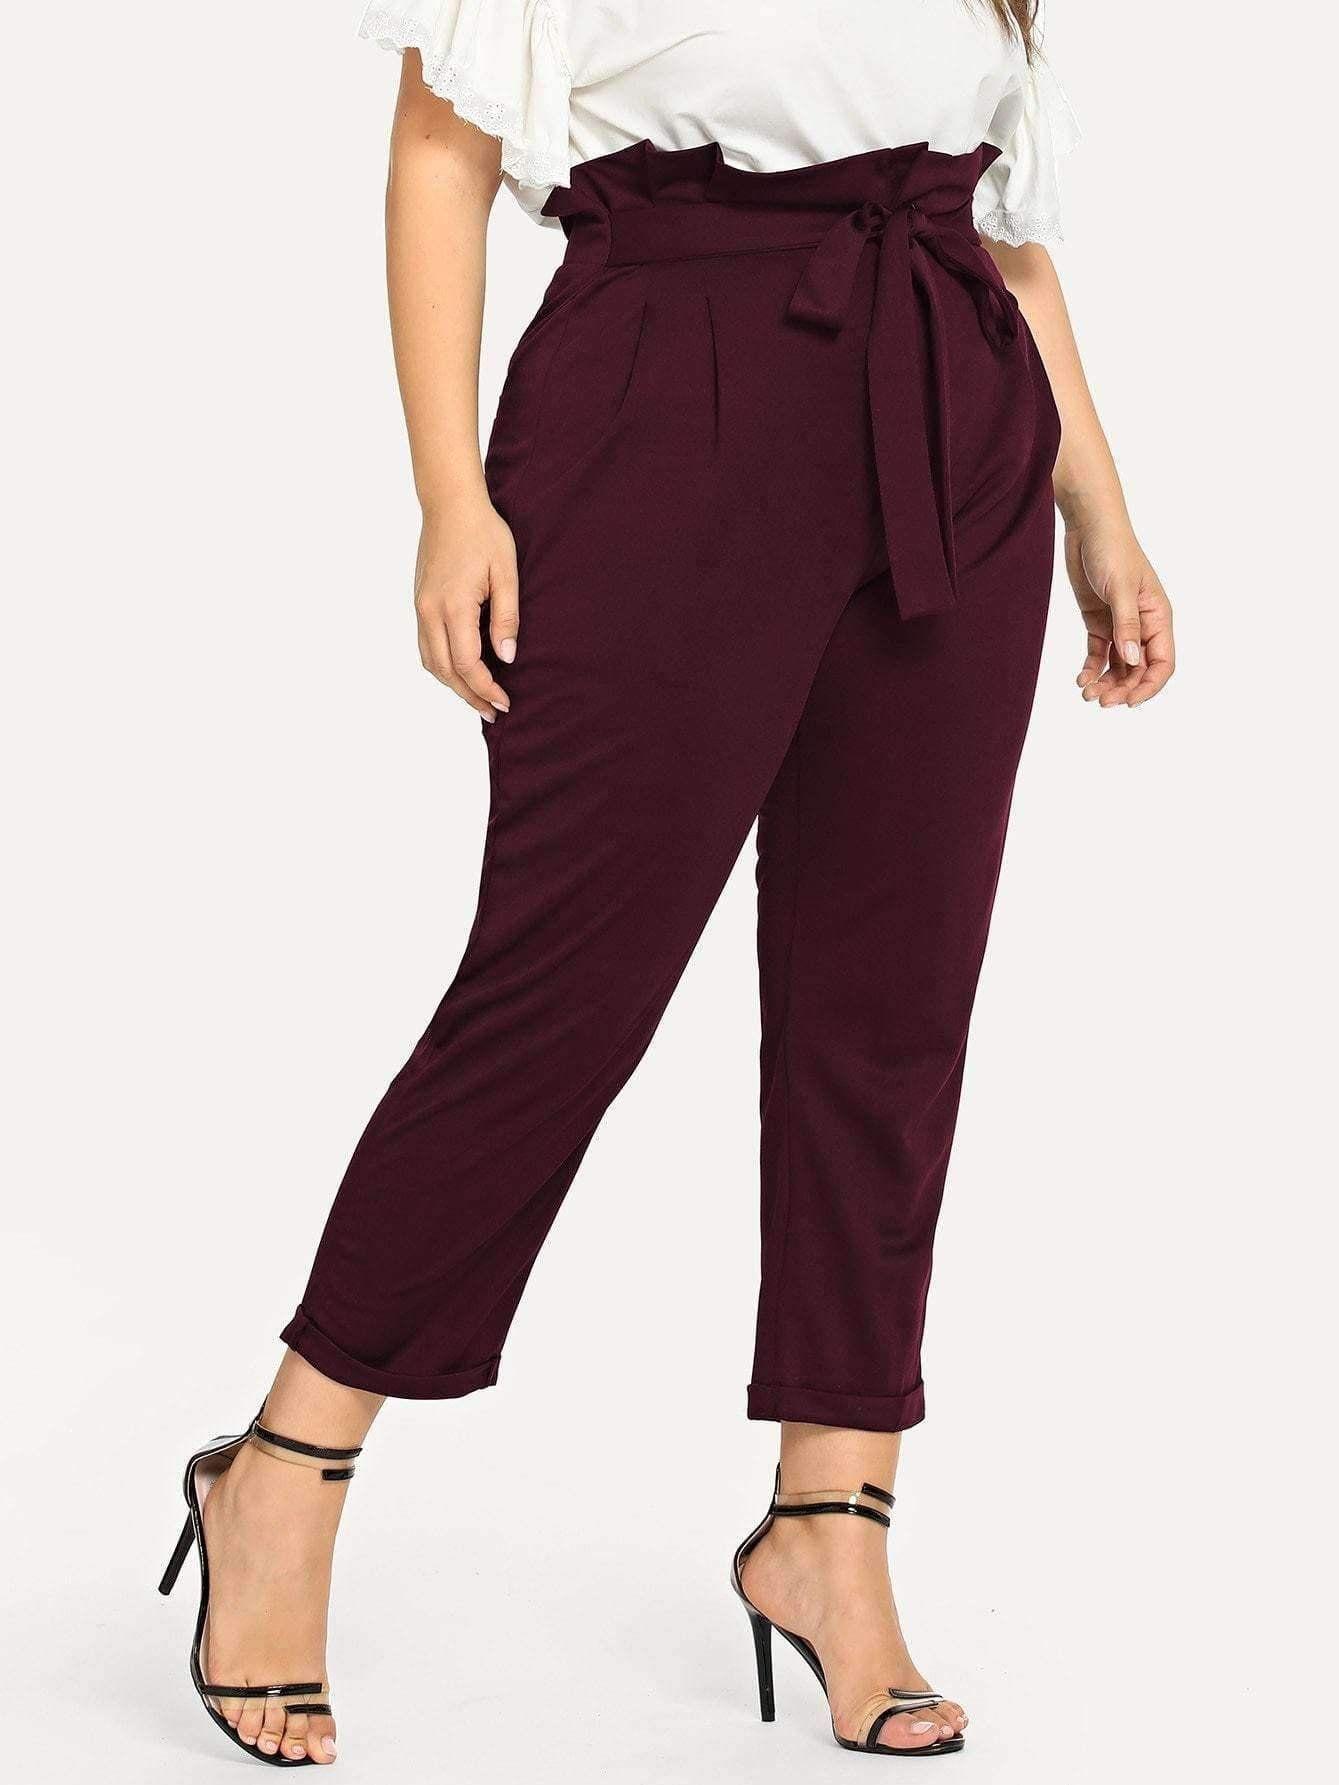 94ee85de3d7 Self-Tie Pants in 2019   Plus Size Collection   Trouser pants ...